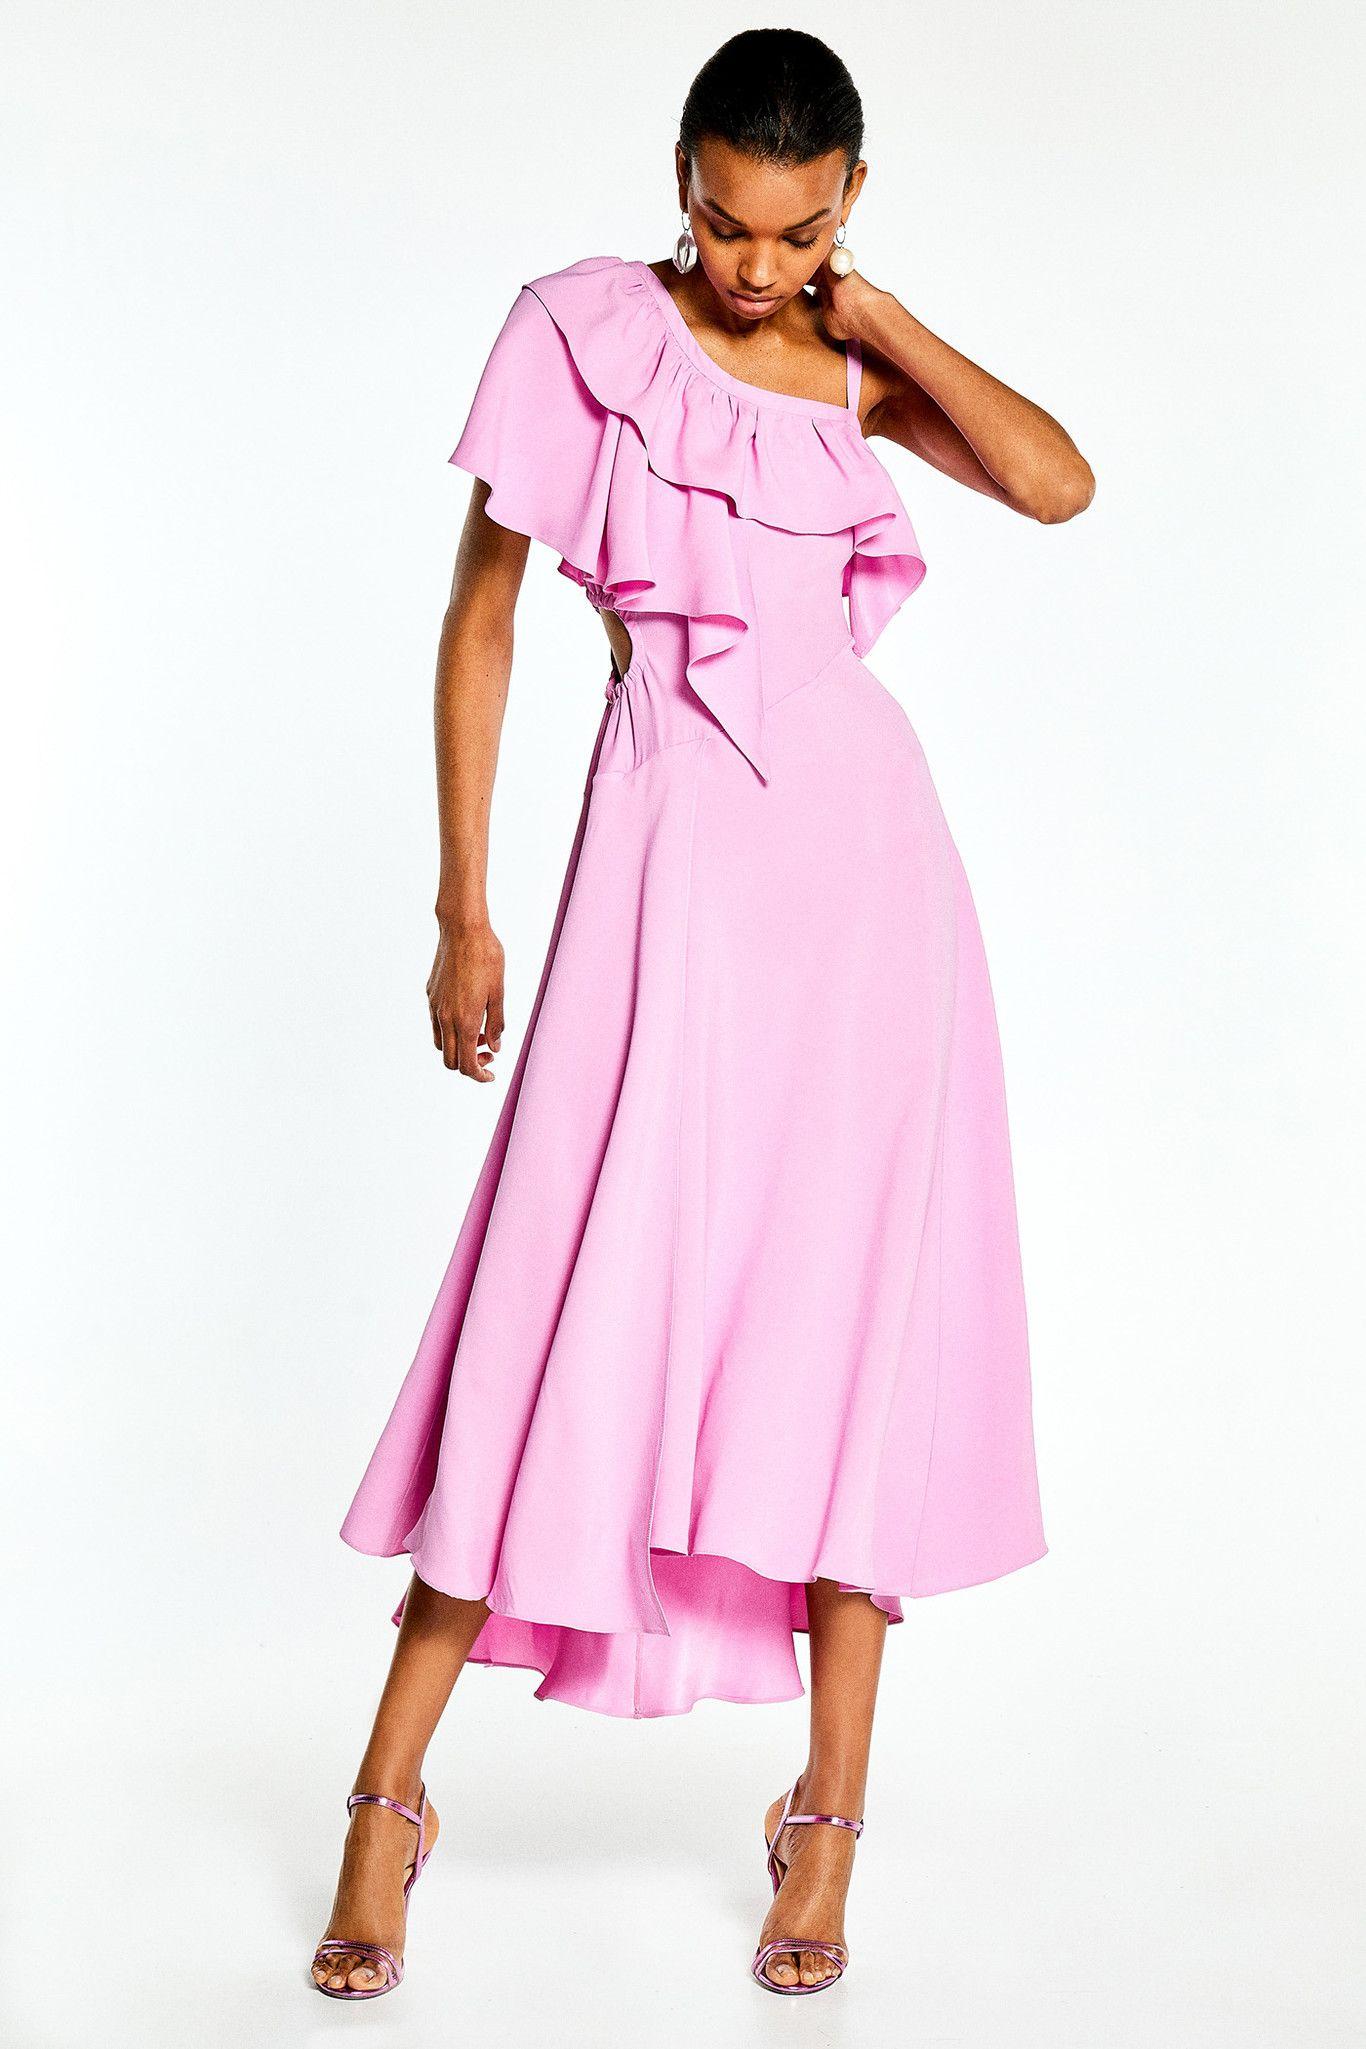 Dorable Vestidos De Dama Casuales Menos De 100 Galería - Ideas de ...